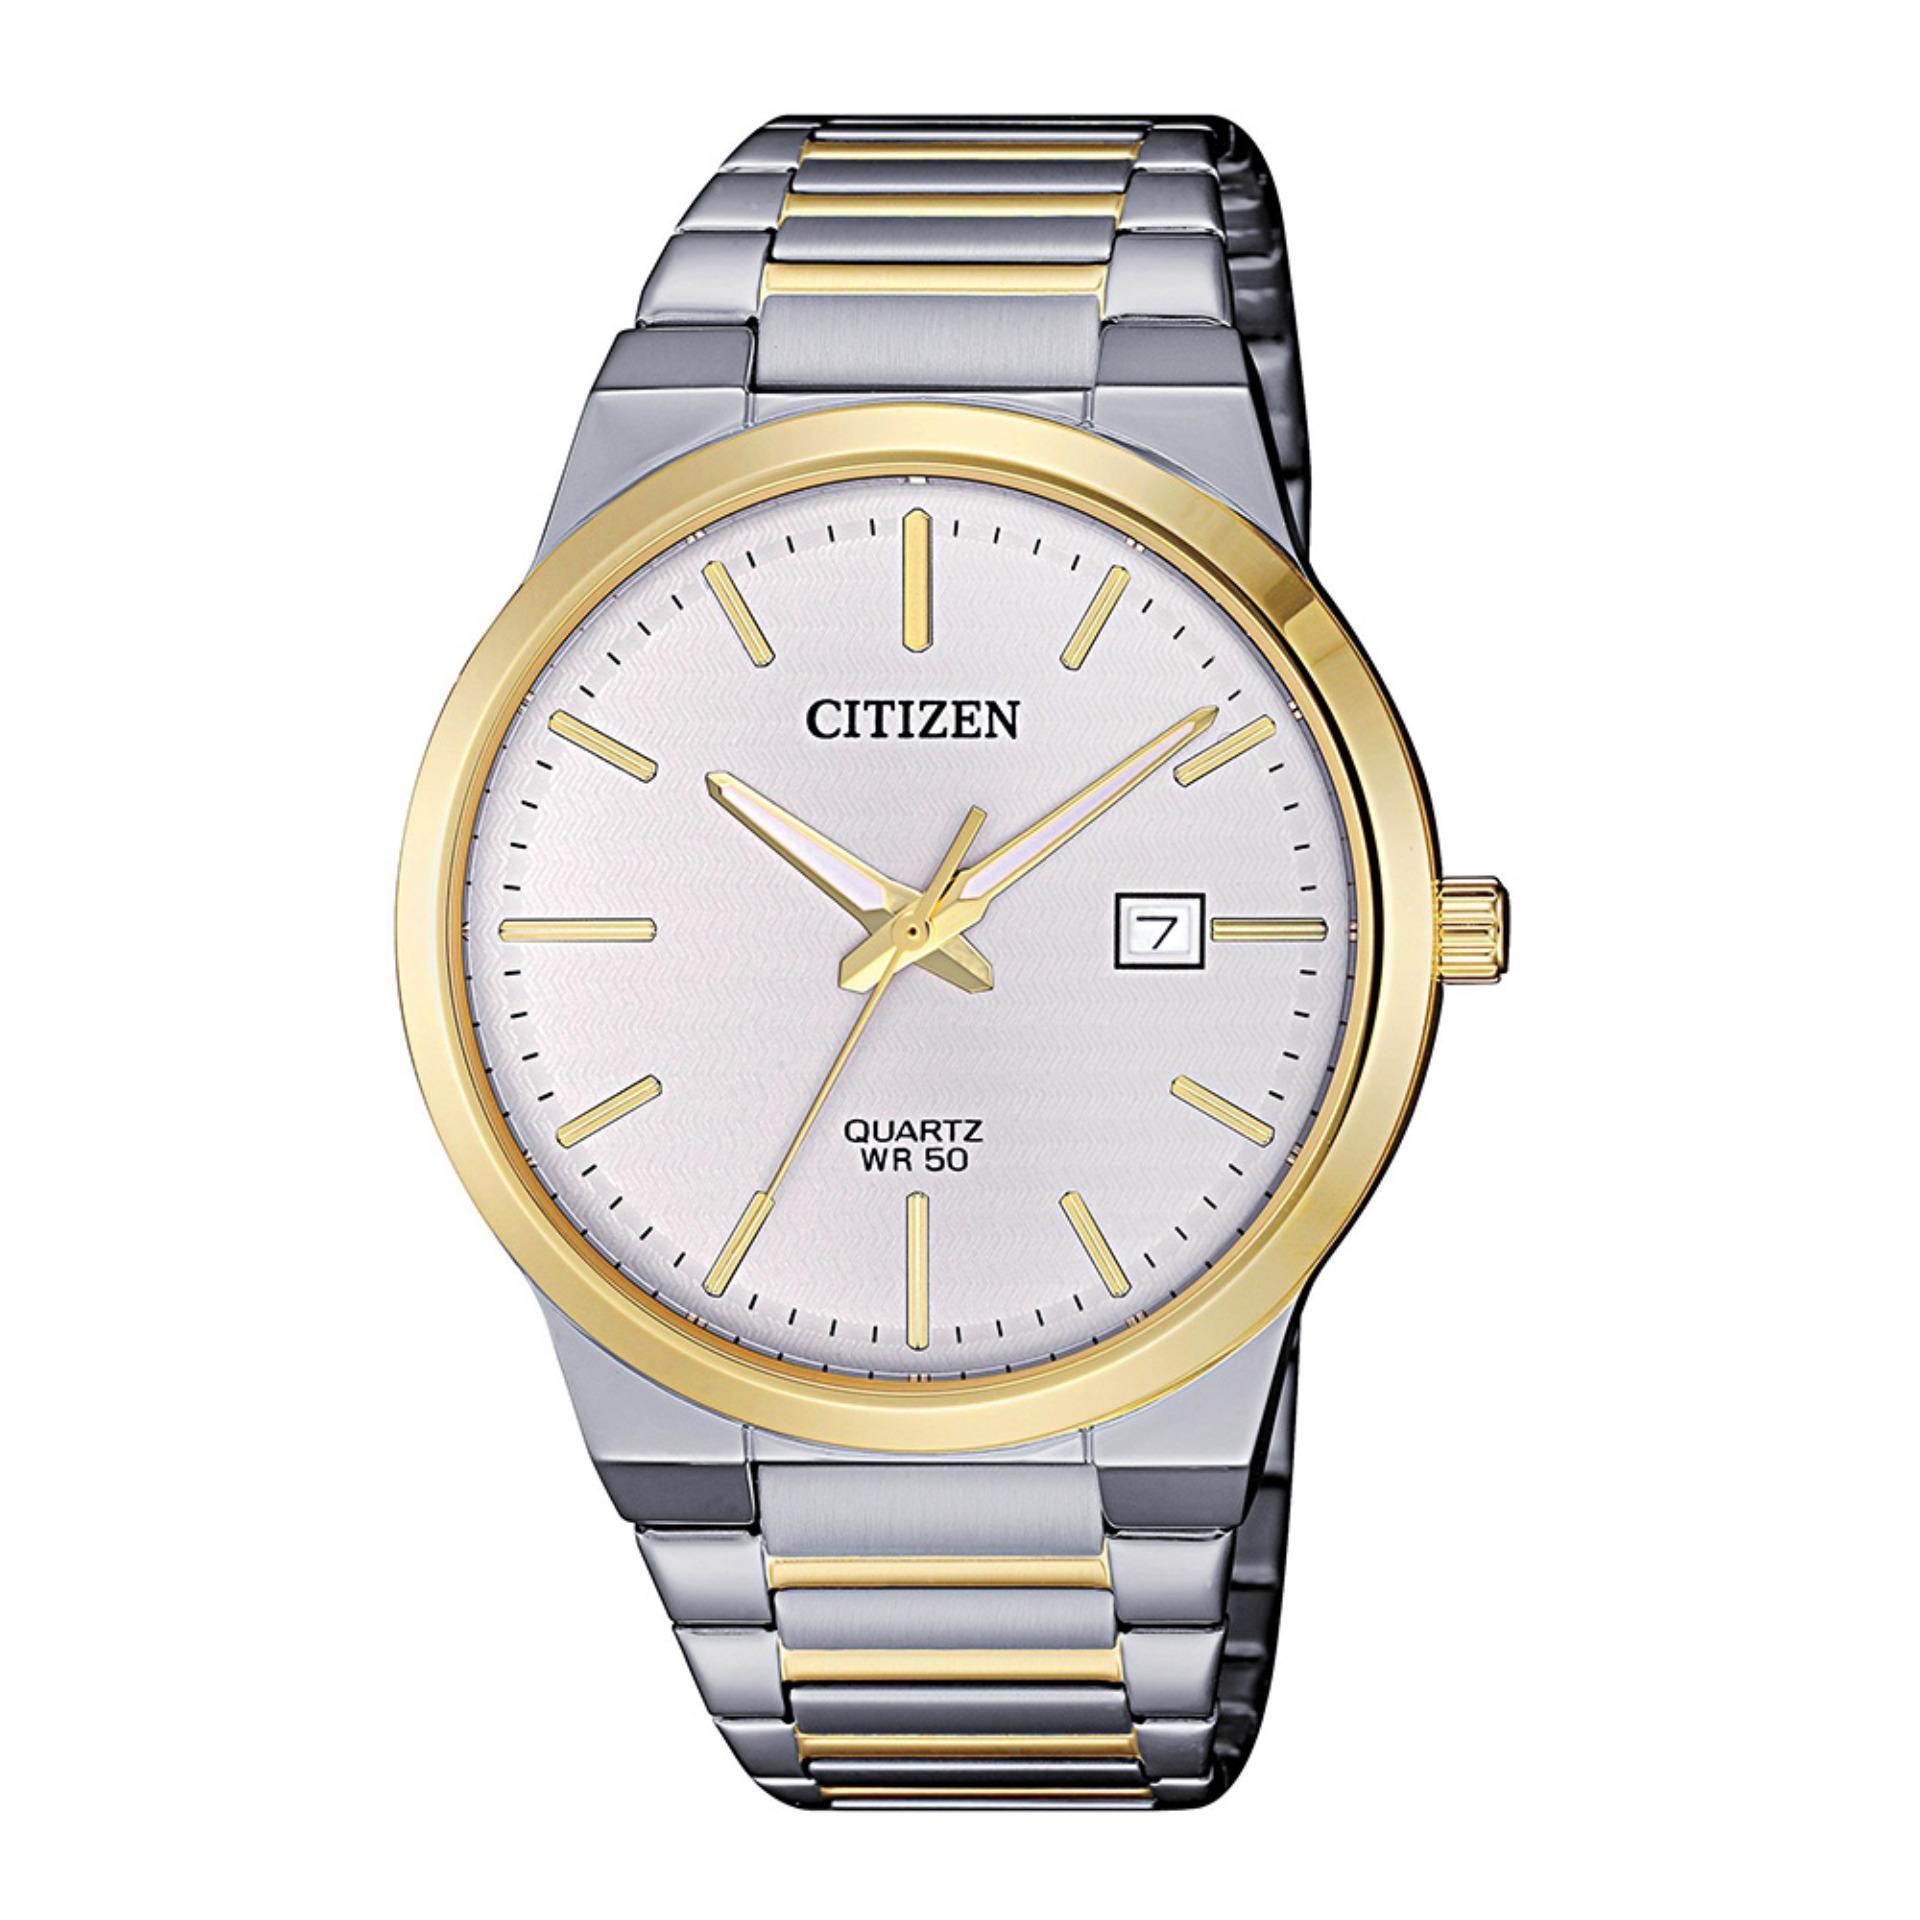 CITIZEN - Đồng Hồ Citizen Nam Quartz, 3 Kim BI5064-50A bán chạy